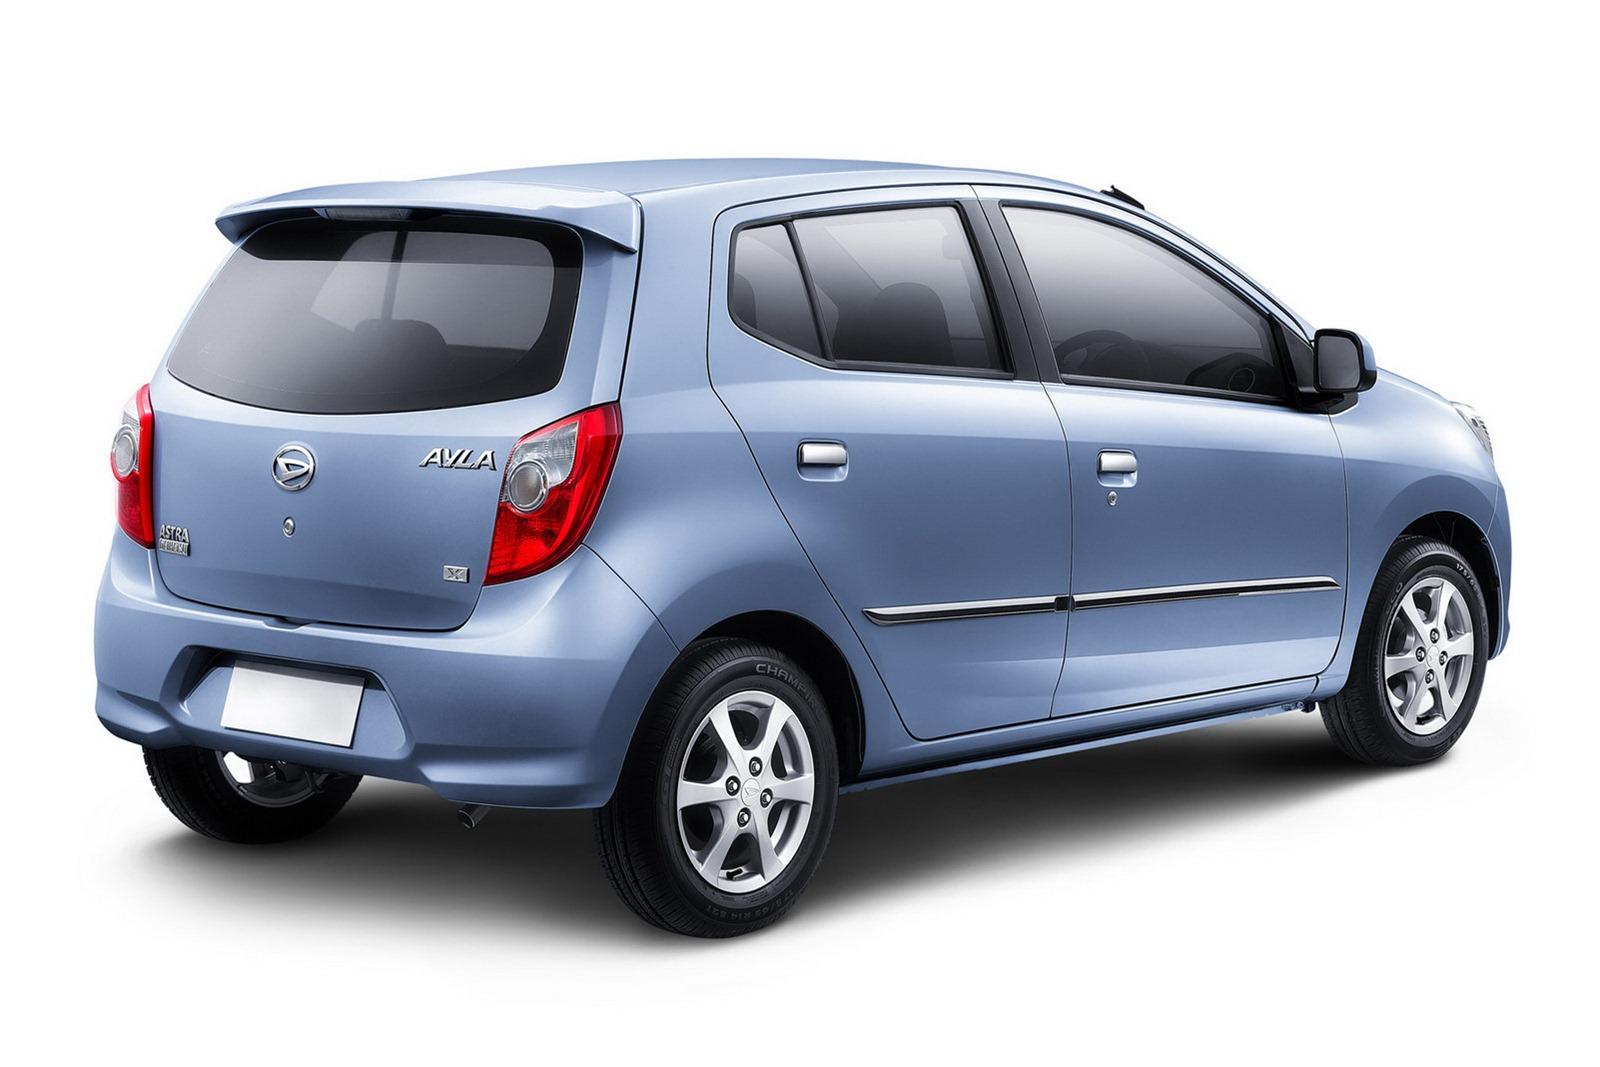 Experience Of Akise: Otomotif - Ini Dia Daftar Harga Mobil ...